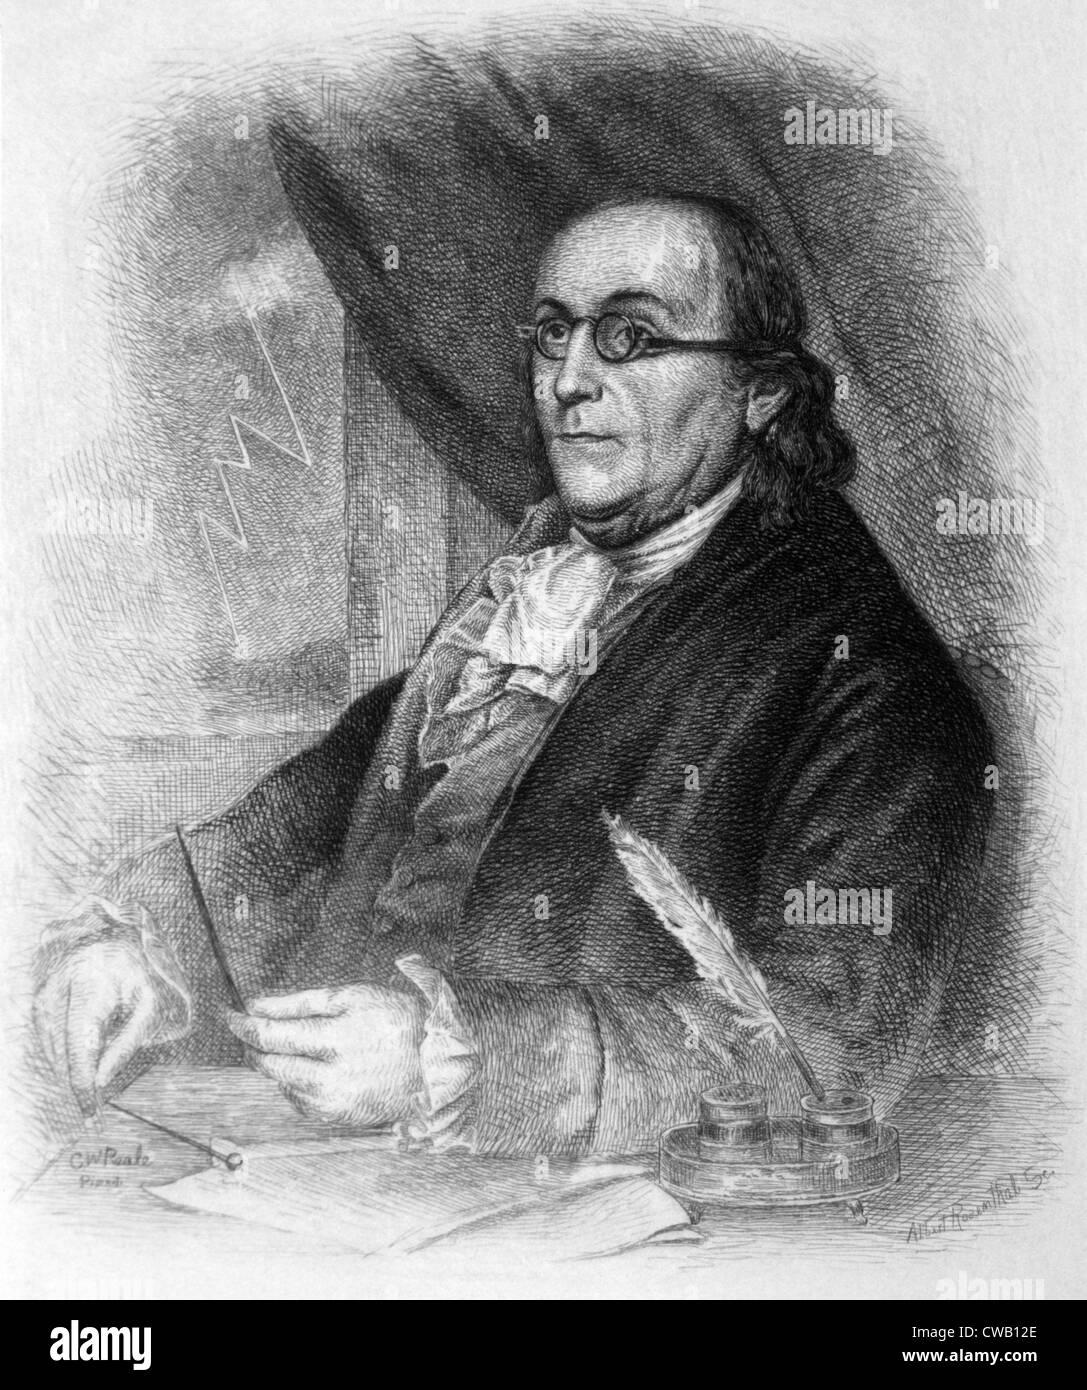 Benjamin Franklin Engraving Stock Photo